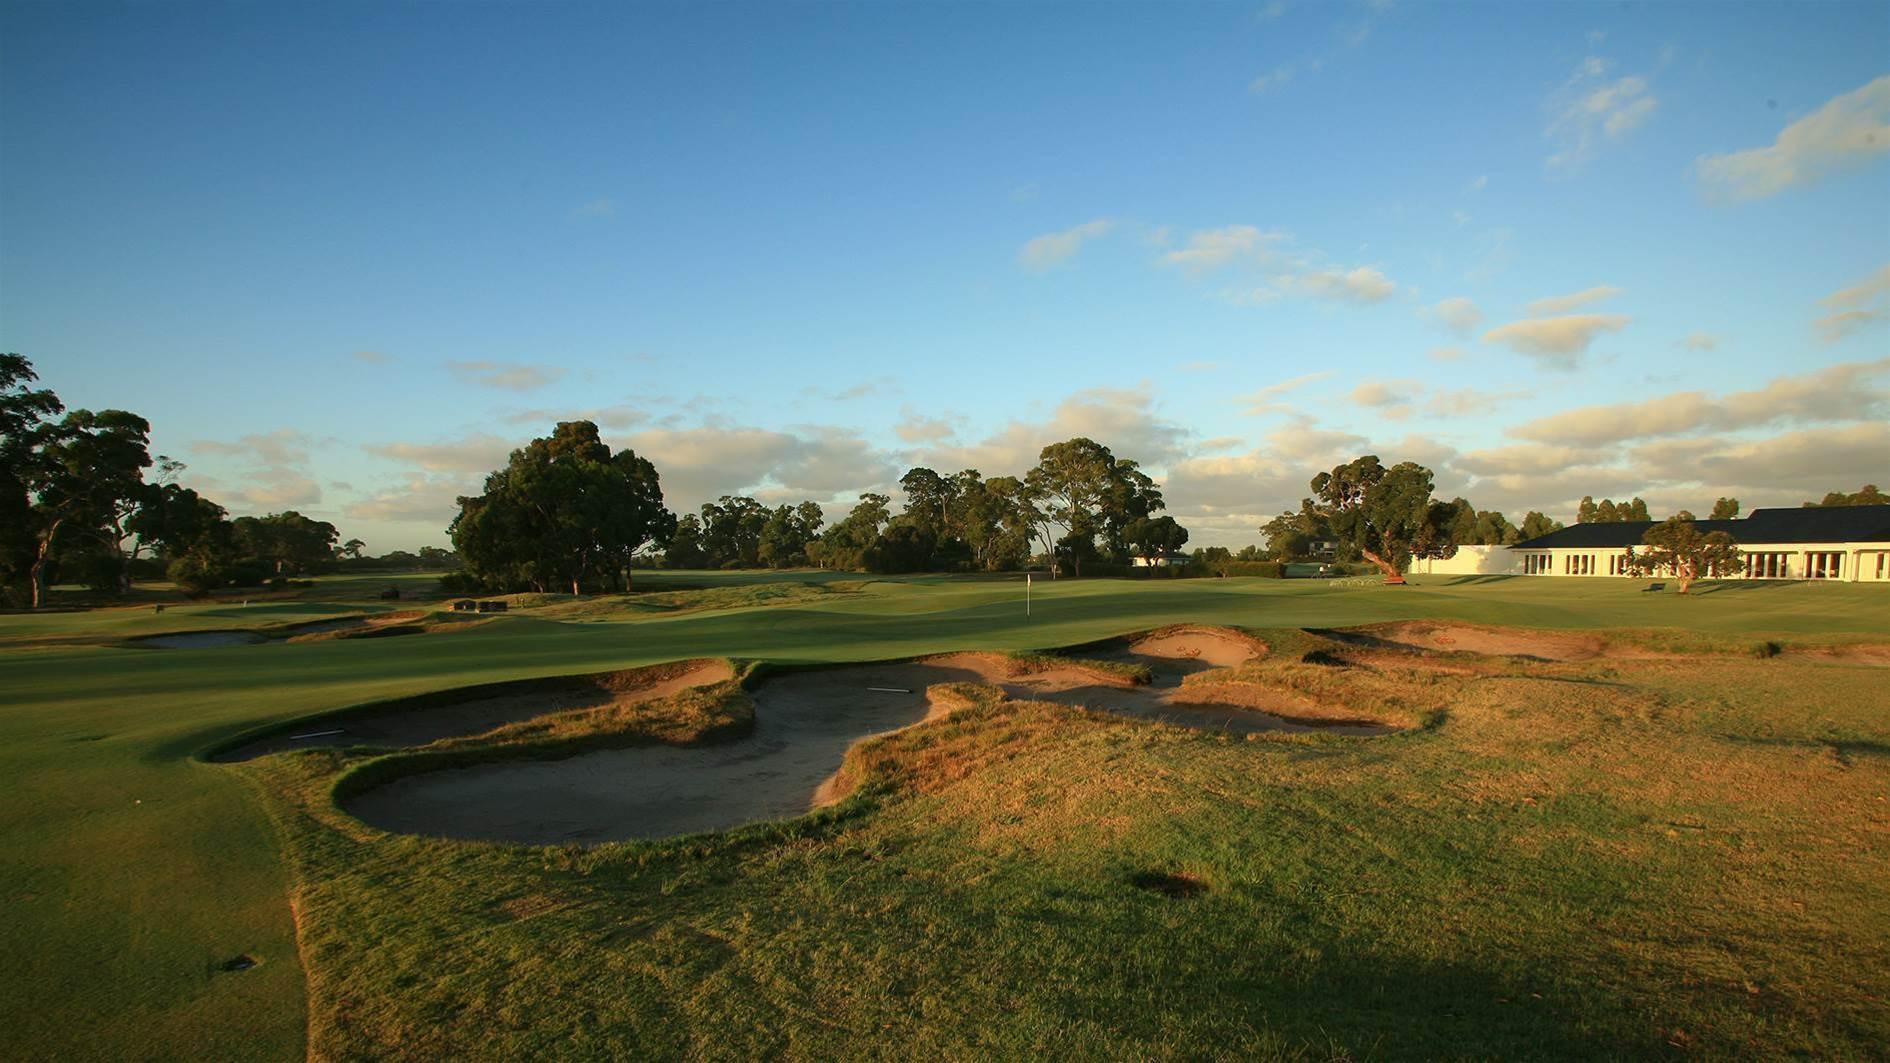 Kingston Heath, Victoria to host 2020 & 2022 Australian Opens